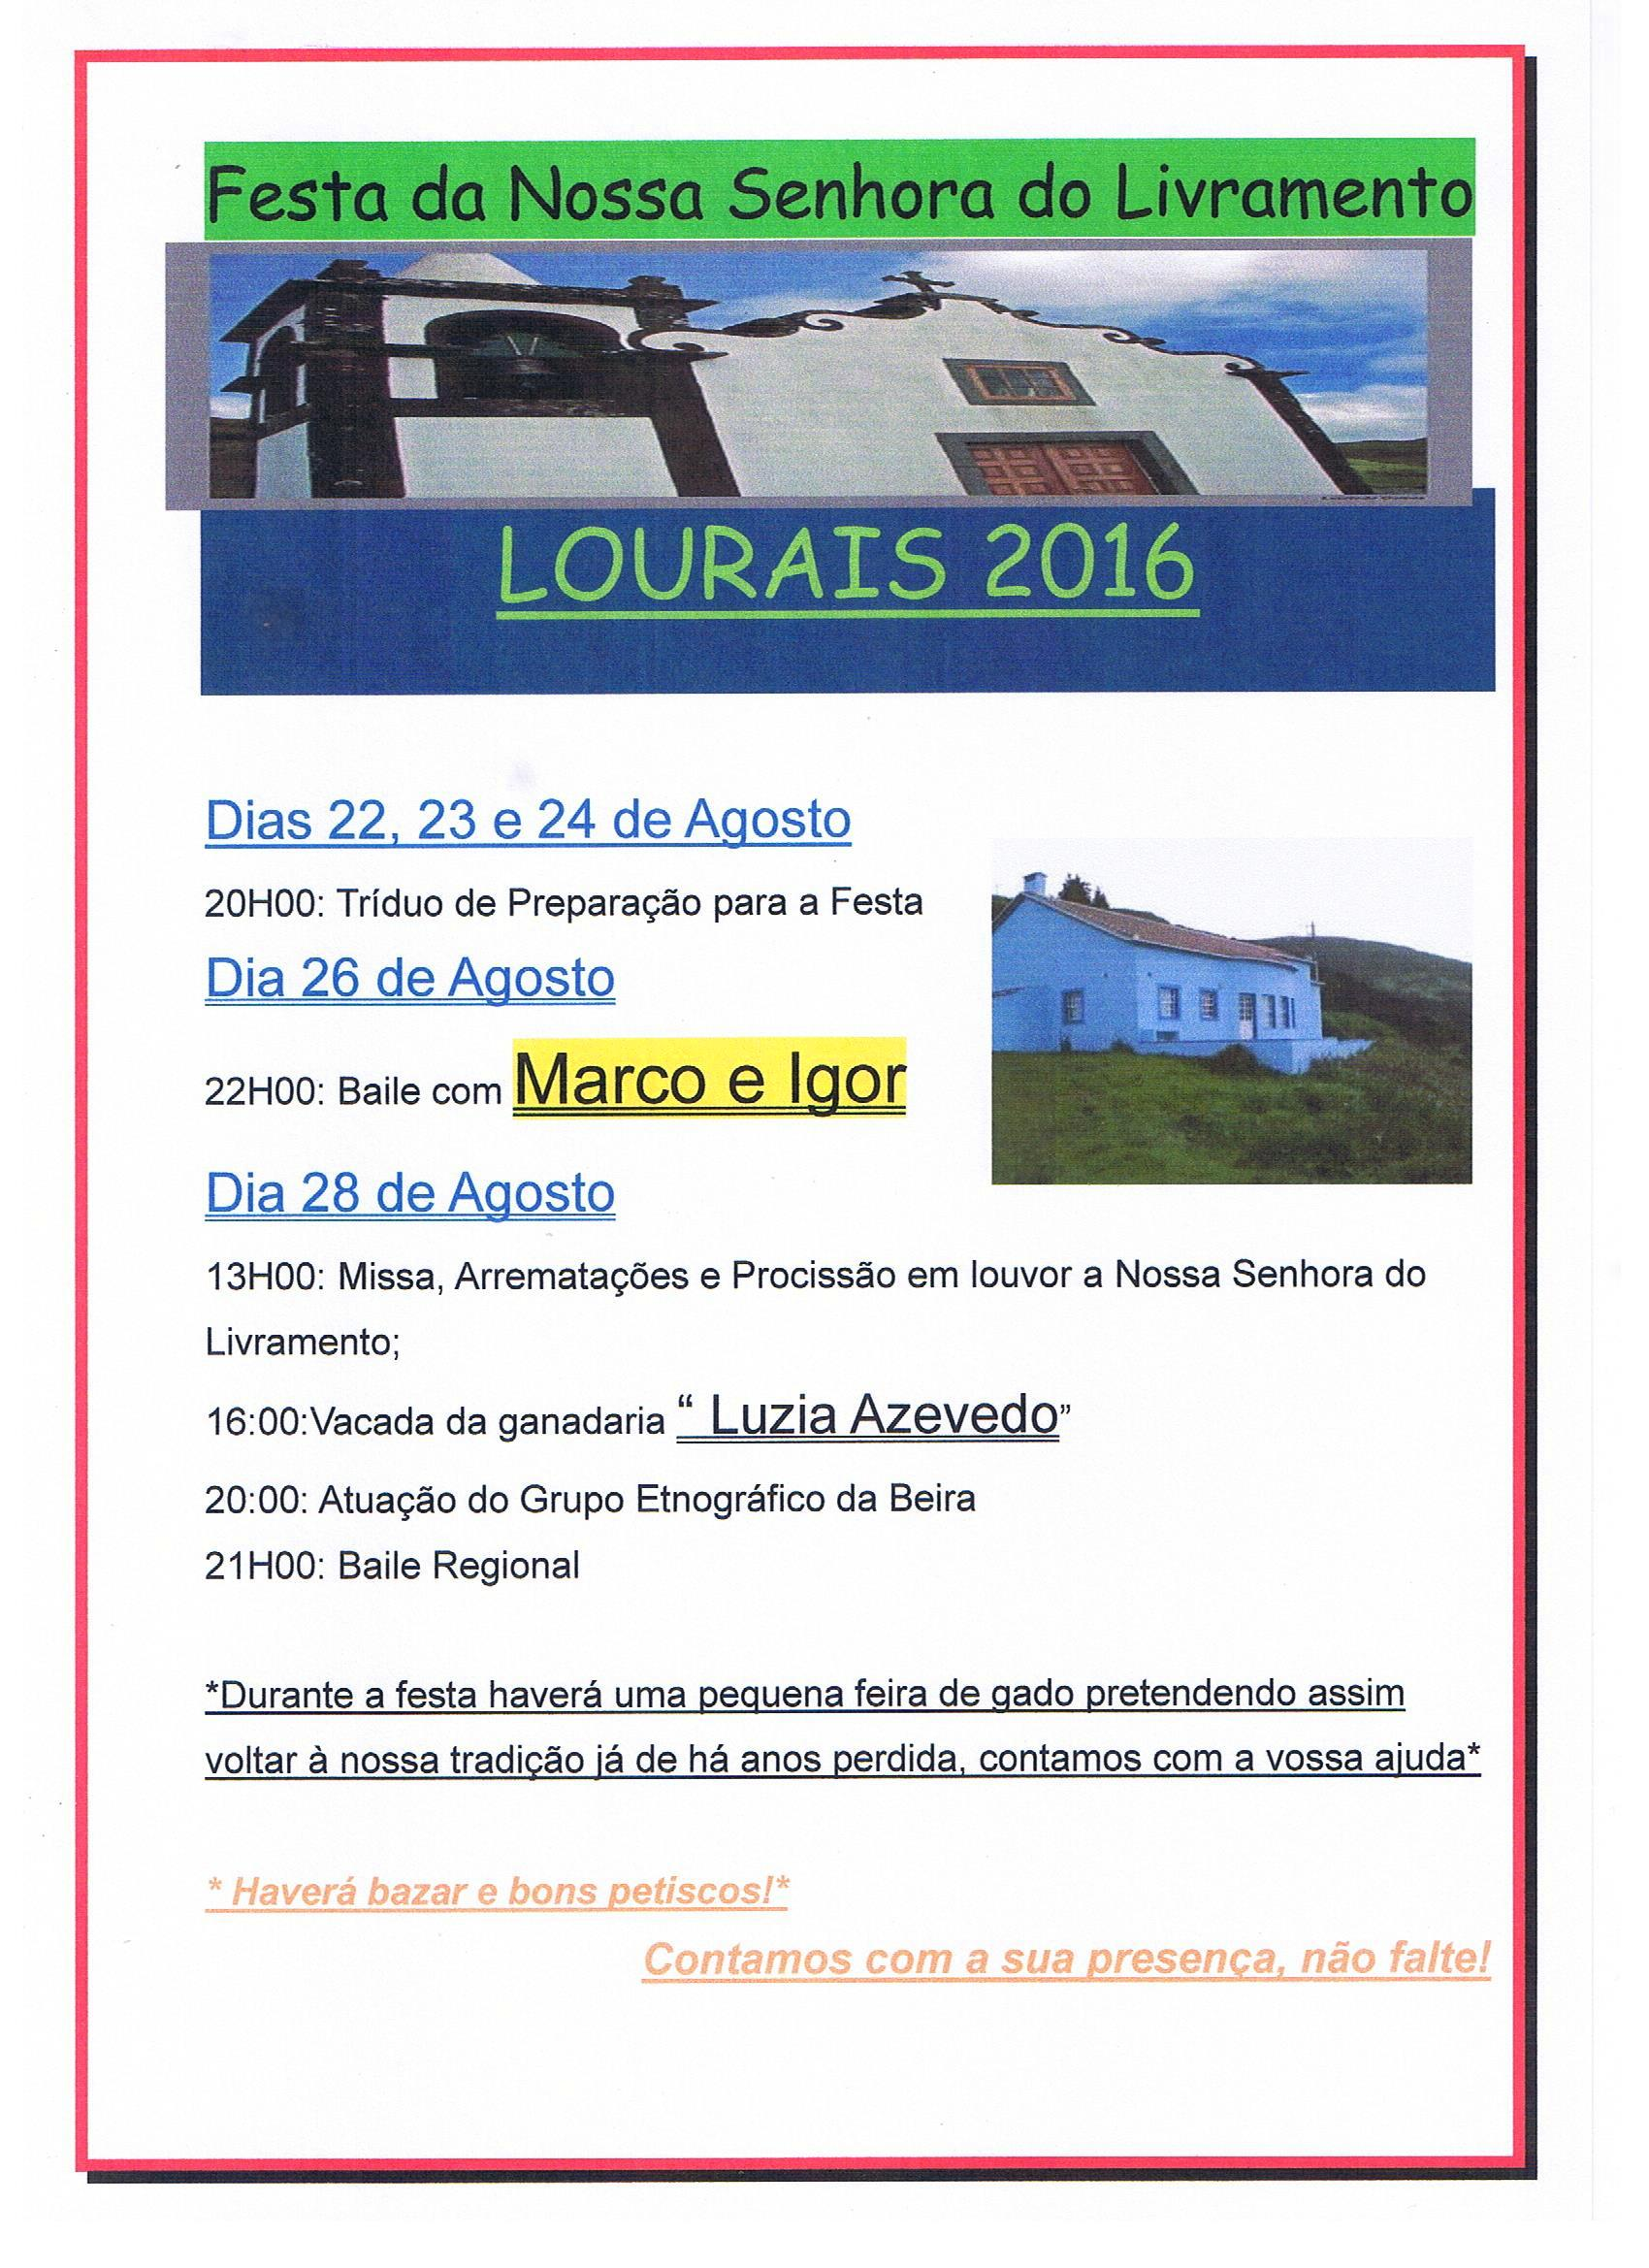 LOURAL EM FESTA – ILHA DE SÃO JORGE (26 e 28 de Agosto)